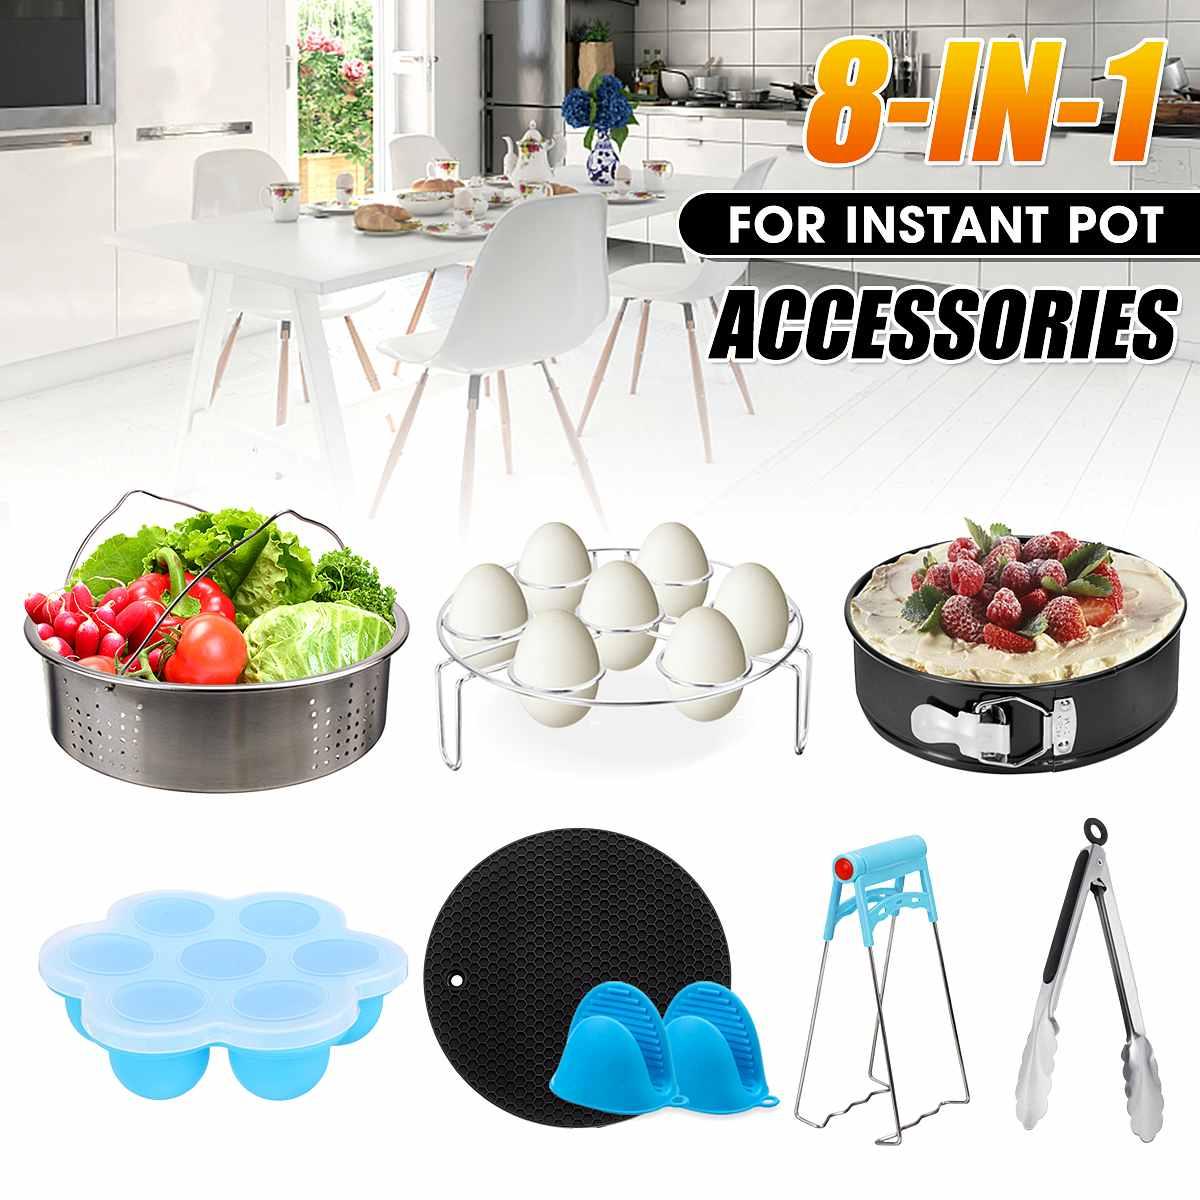 8 pièces ensemble Pot instantané accessoires panier vapeur antiadhésif Springform Pan Silicone Mat autocuiseur accessoires outils de cuisson